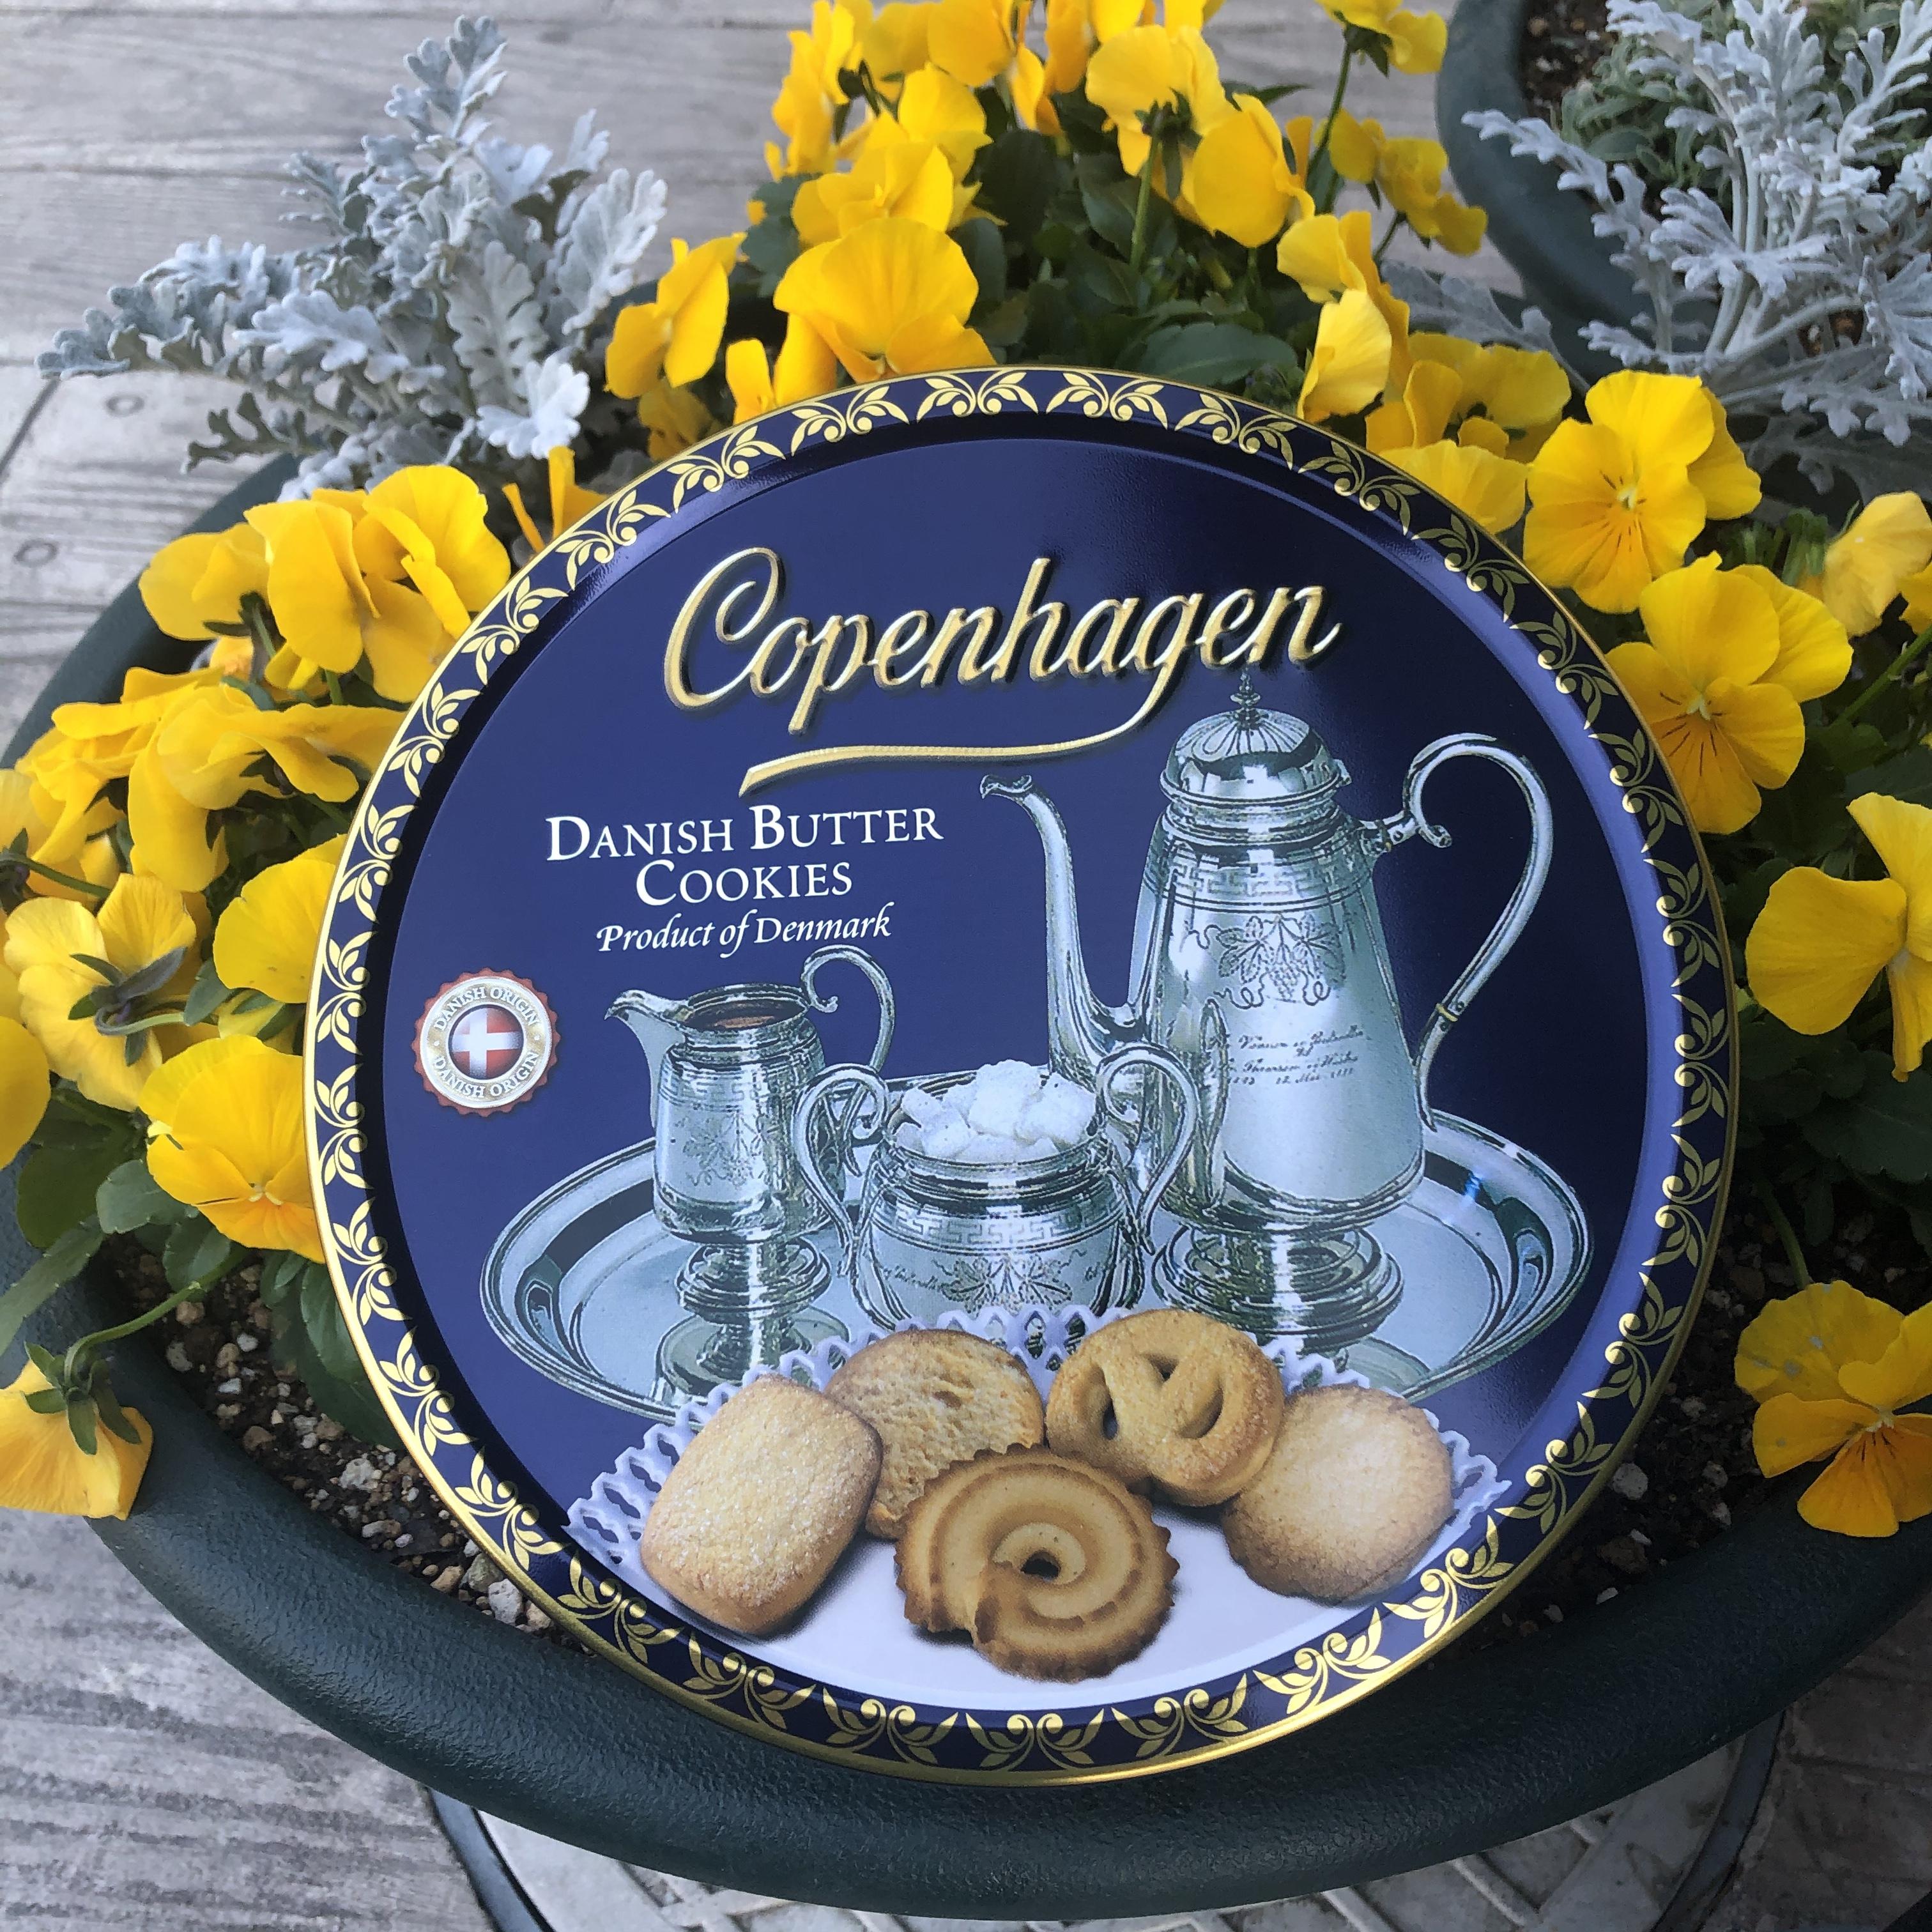 コペンハーゲン バタークッキー